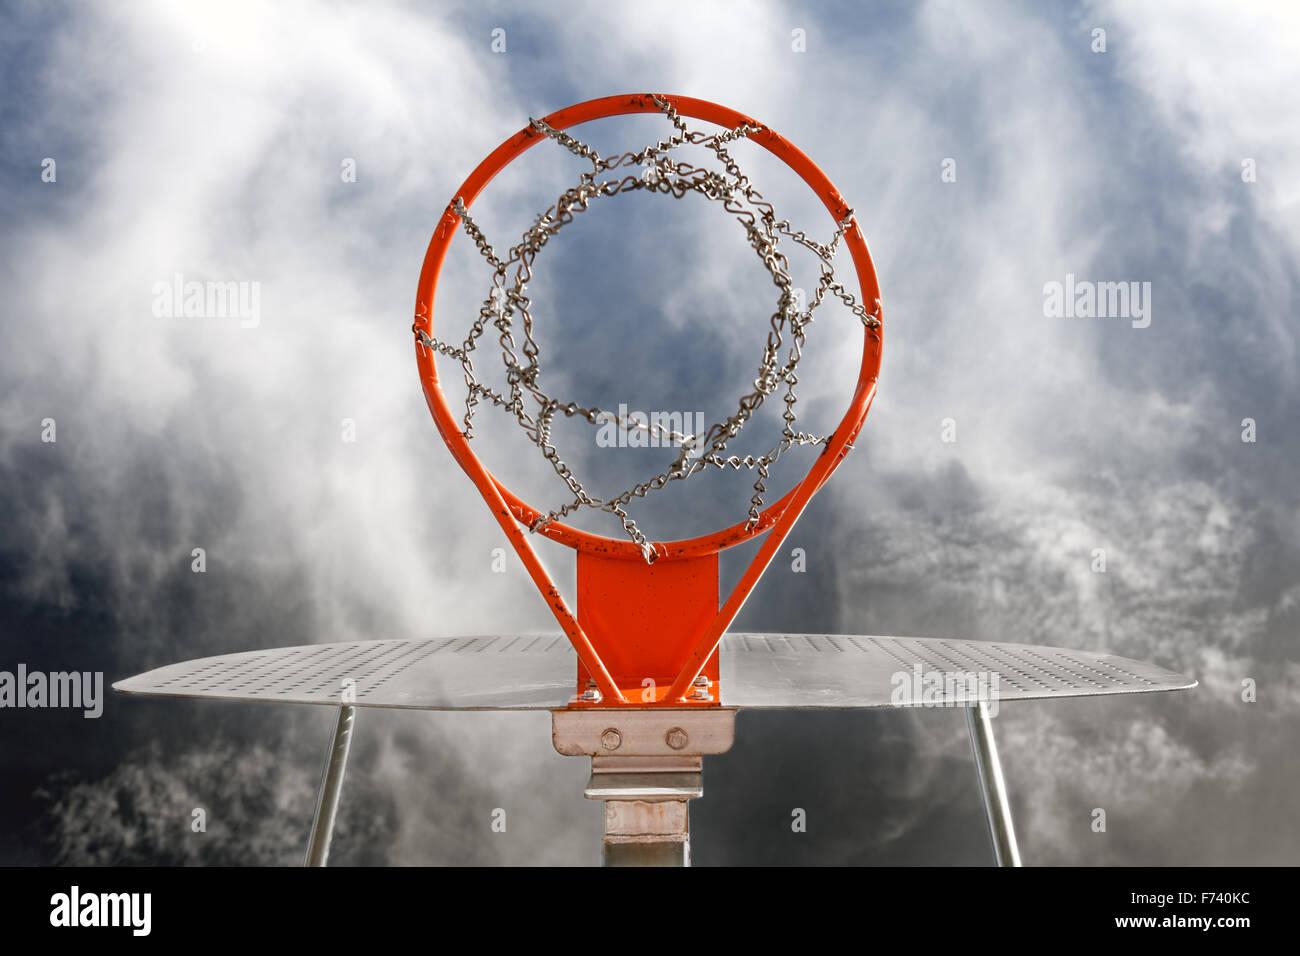 Imagen abstracta del baloncesto gol contra el cielo Imagen De Stock